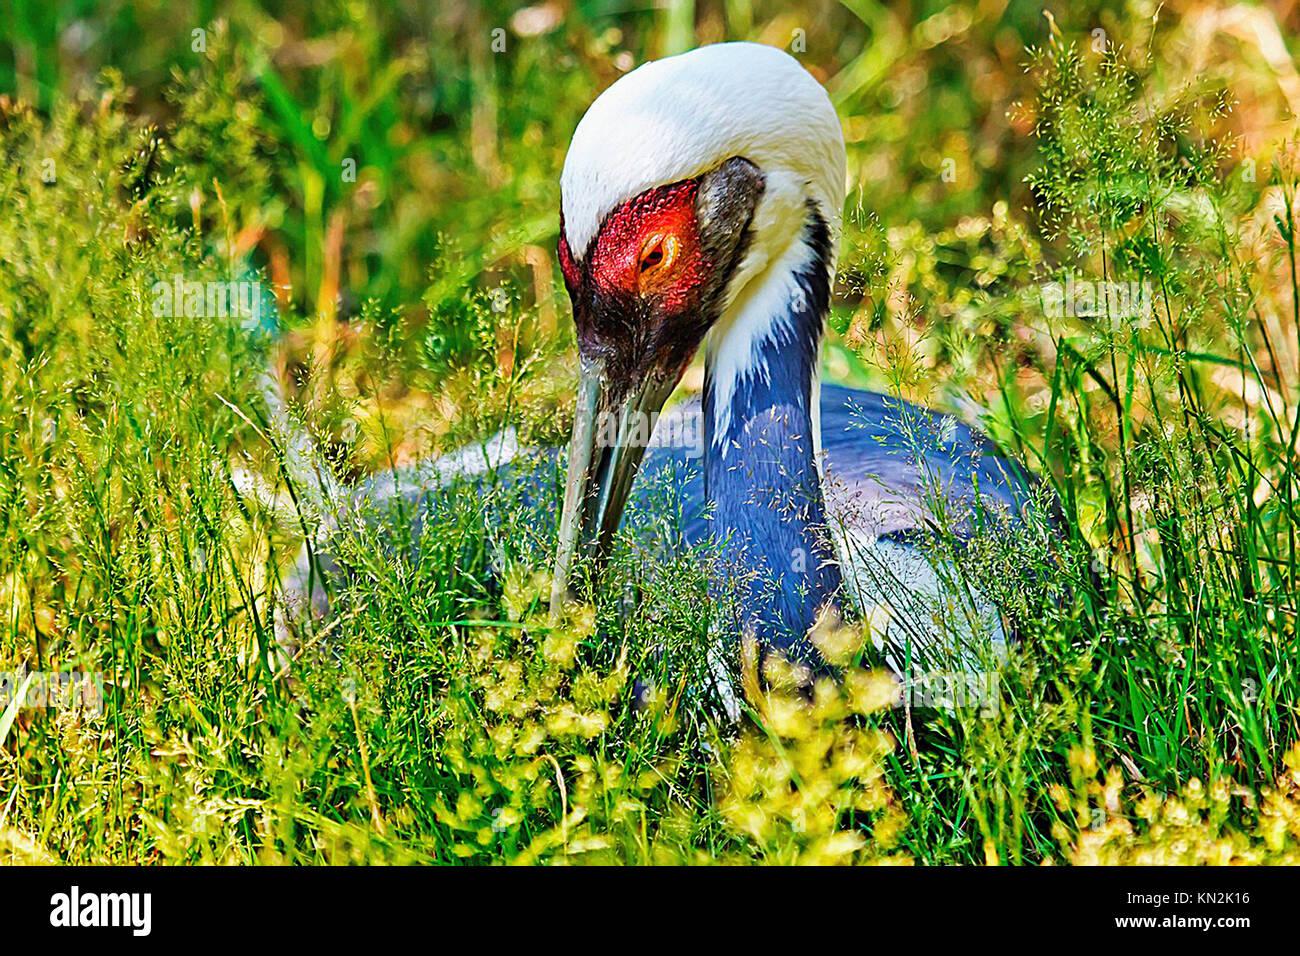 Asiatische Hooded Crane in Gras, Nahaufnahme von Kopf und roten Augen, Grus Monacuhus Stockbild